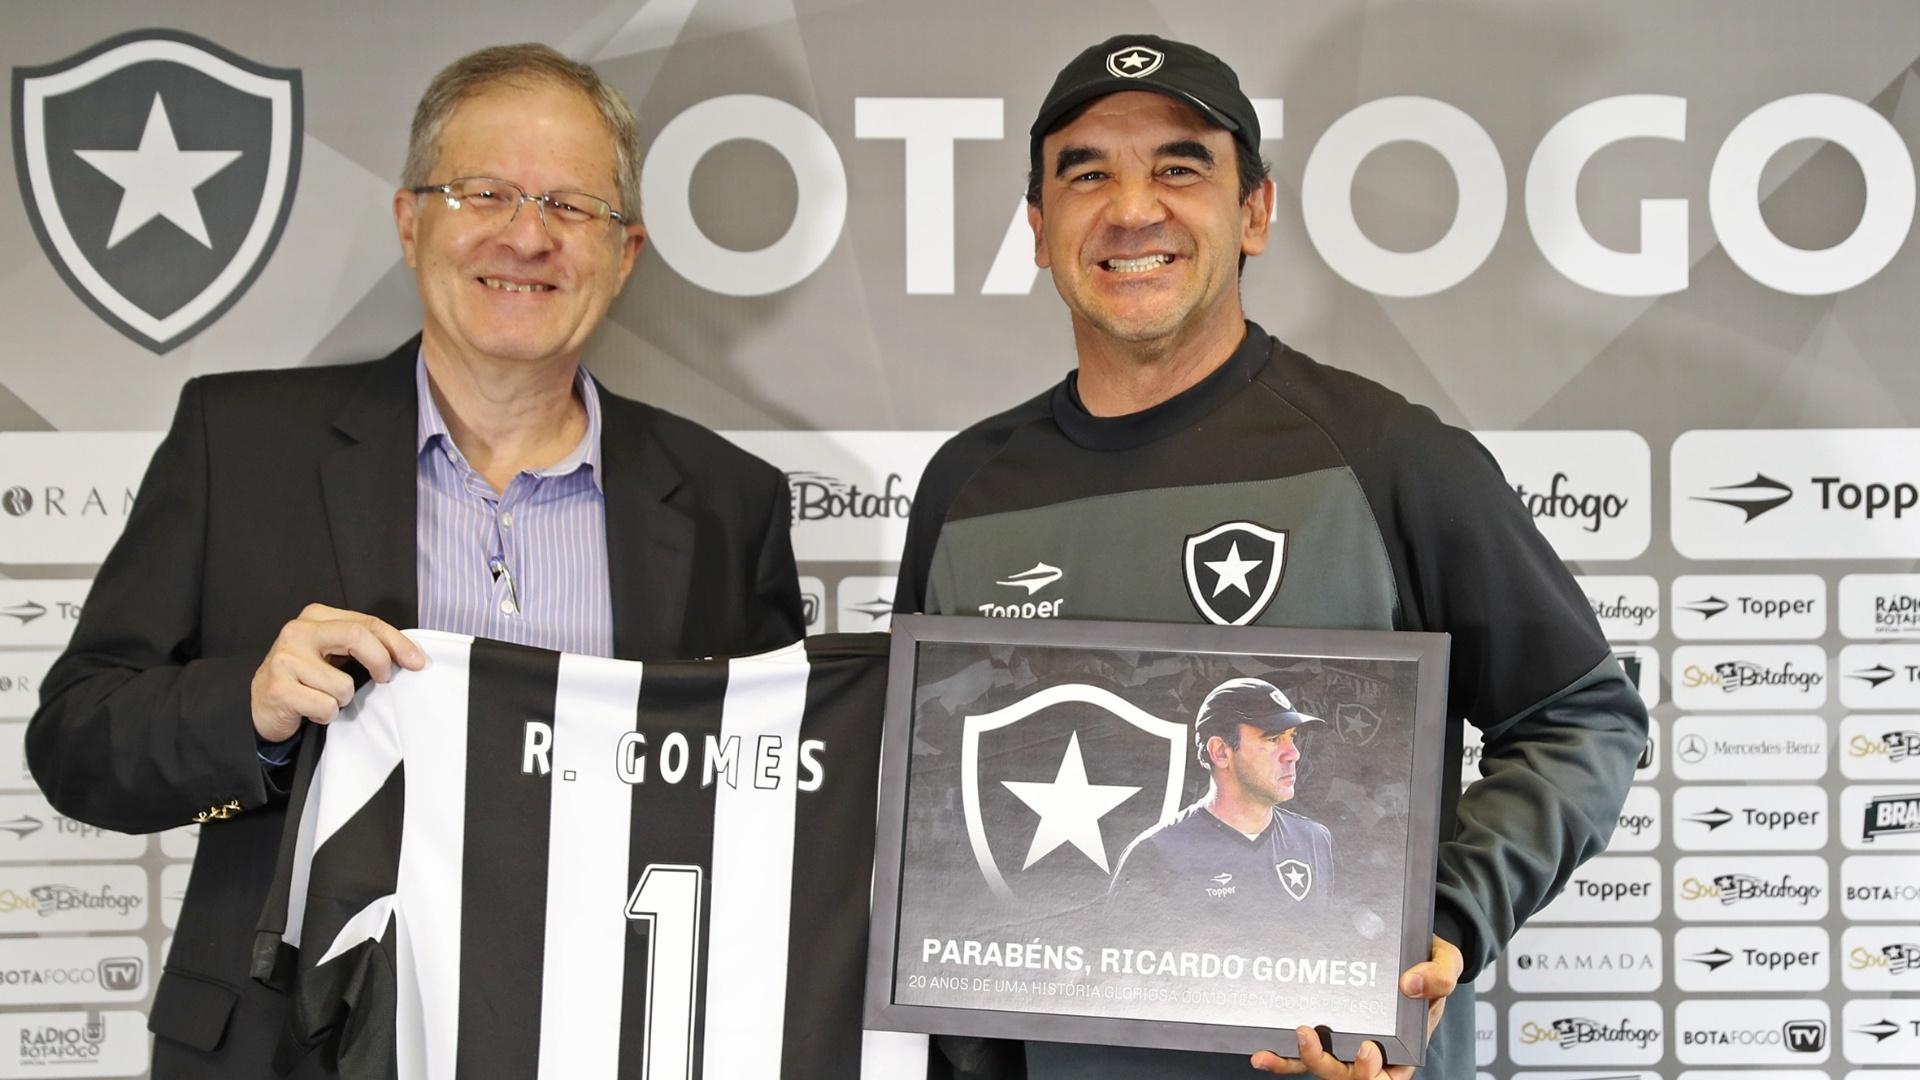 Ricardo Gomes é homenageado no Botafogo com placa e camisa